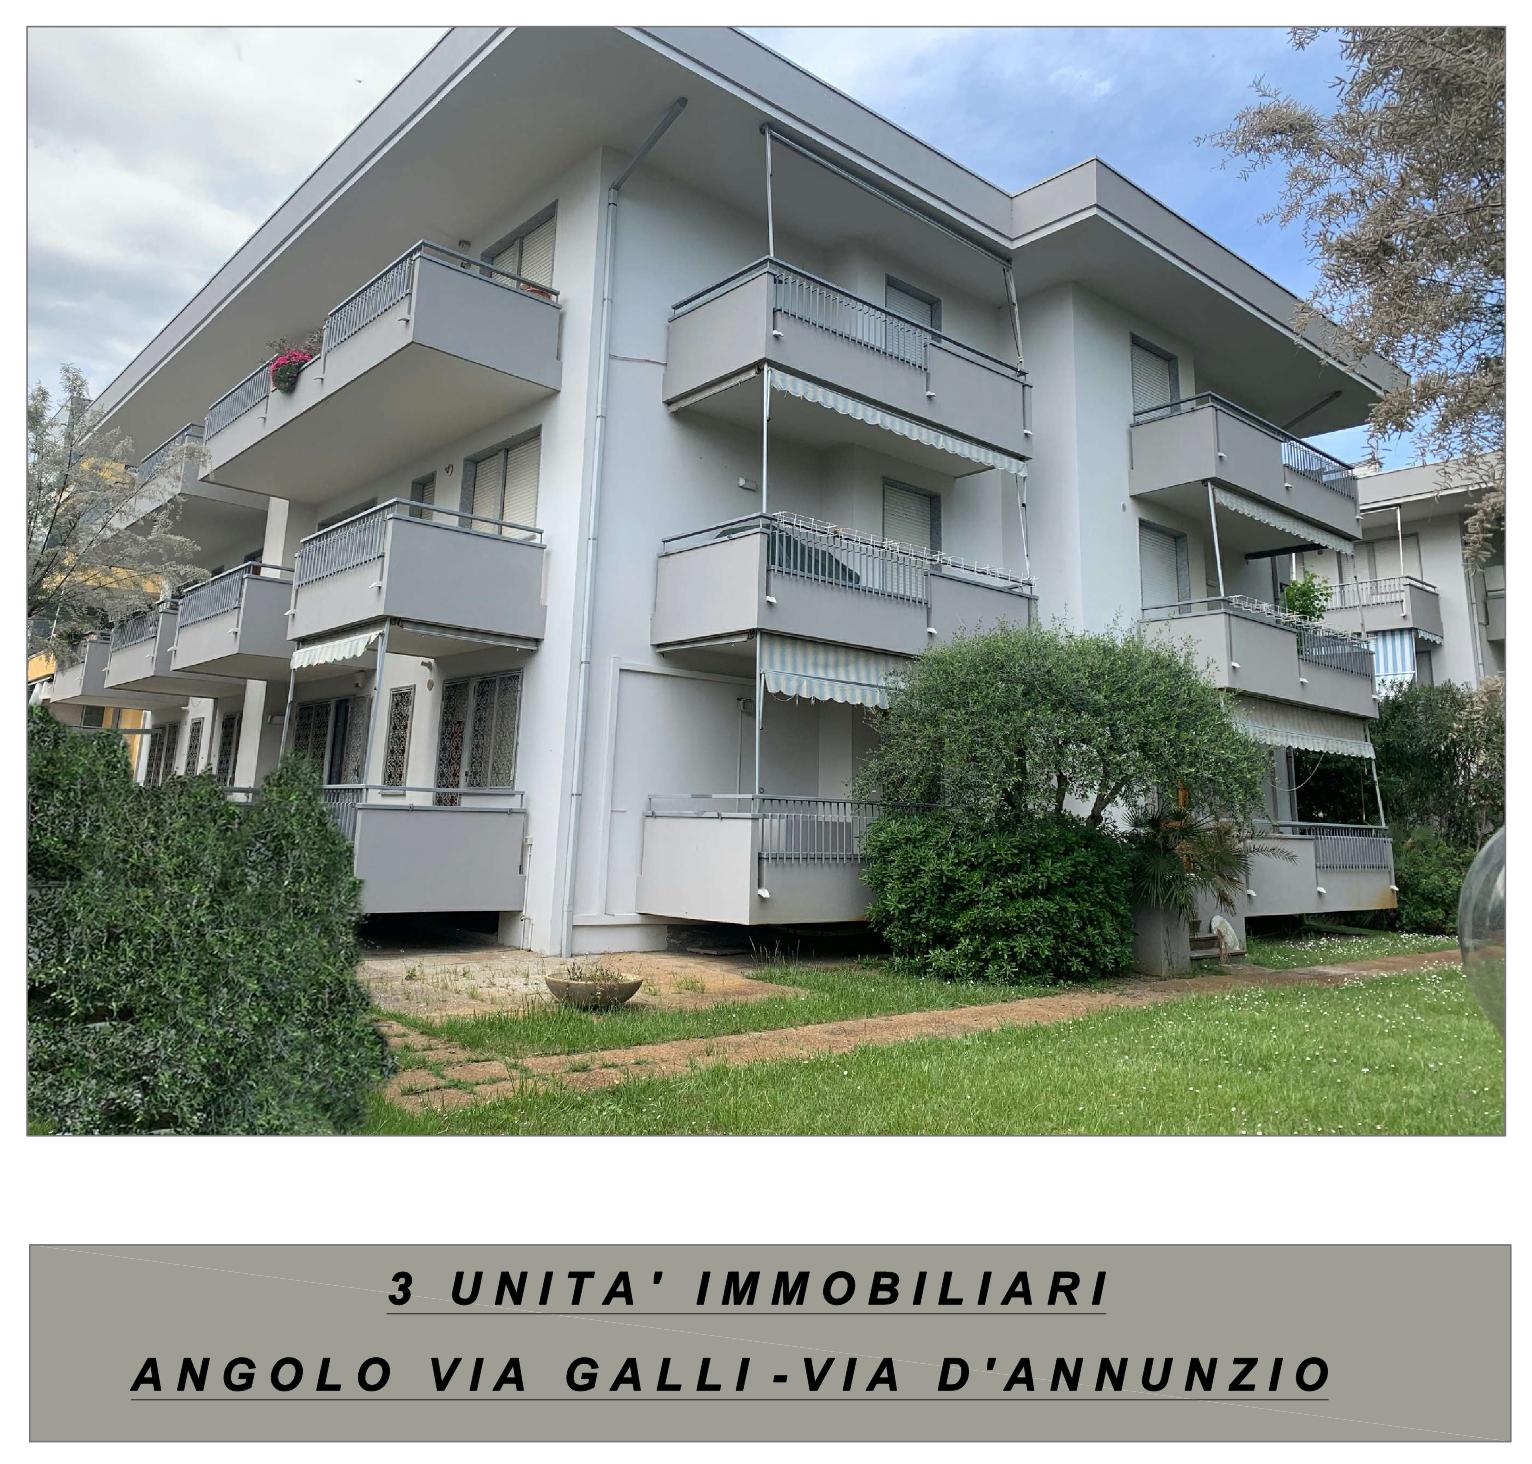 RICCIONE PORTO CANALE, 3 appartamenti con giardino nuovi in vendita